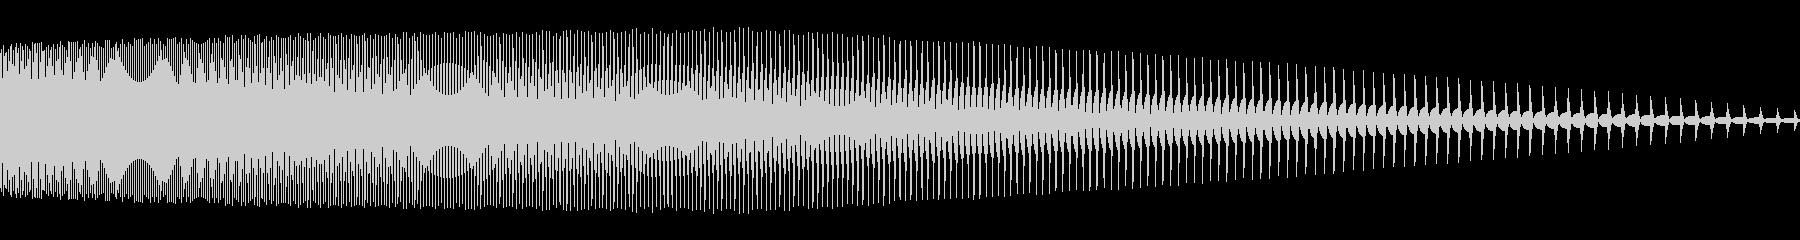 ピューン(かわいい/ピコピコ音/ジャンプの未再生の波形